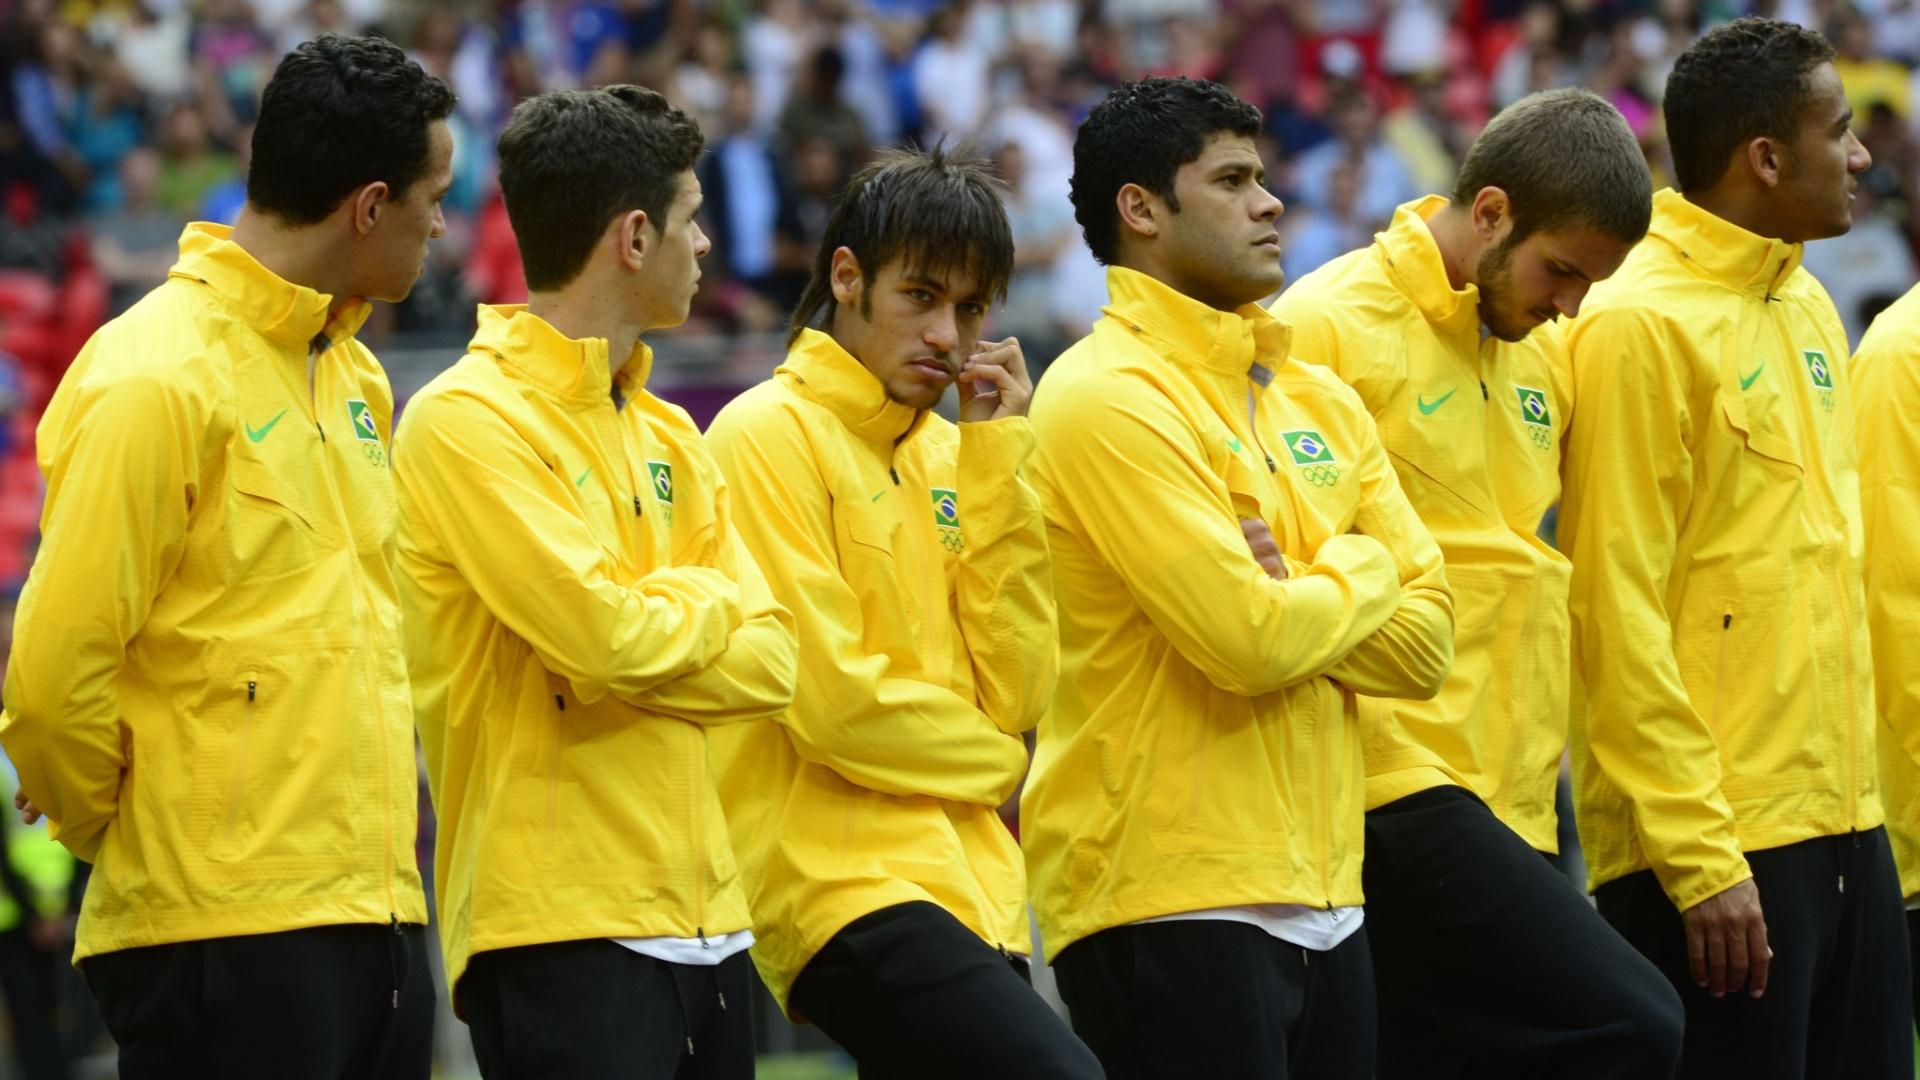 Neymar e o restante da seleção brasileira com cara de poucos amigos na cerimônia de premiação dos Jogos Olímpicos de Londres, em que a equipe ficou com a medalha de prata